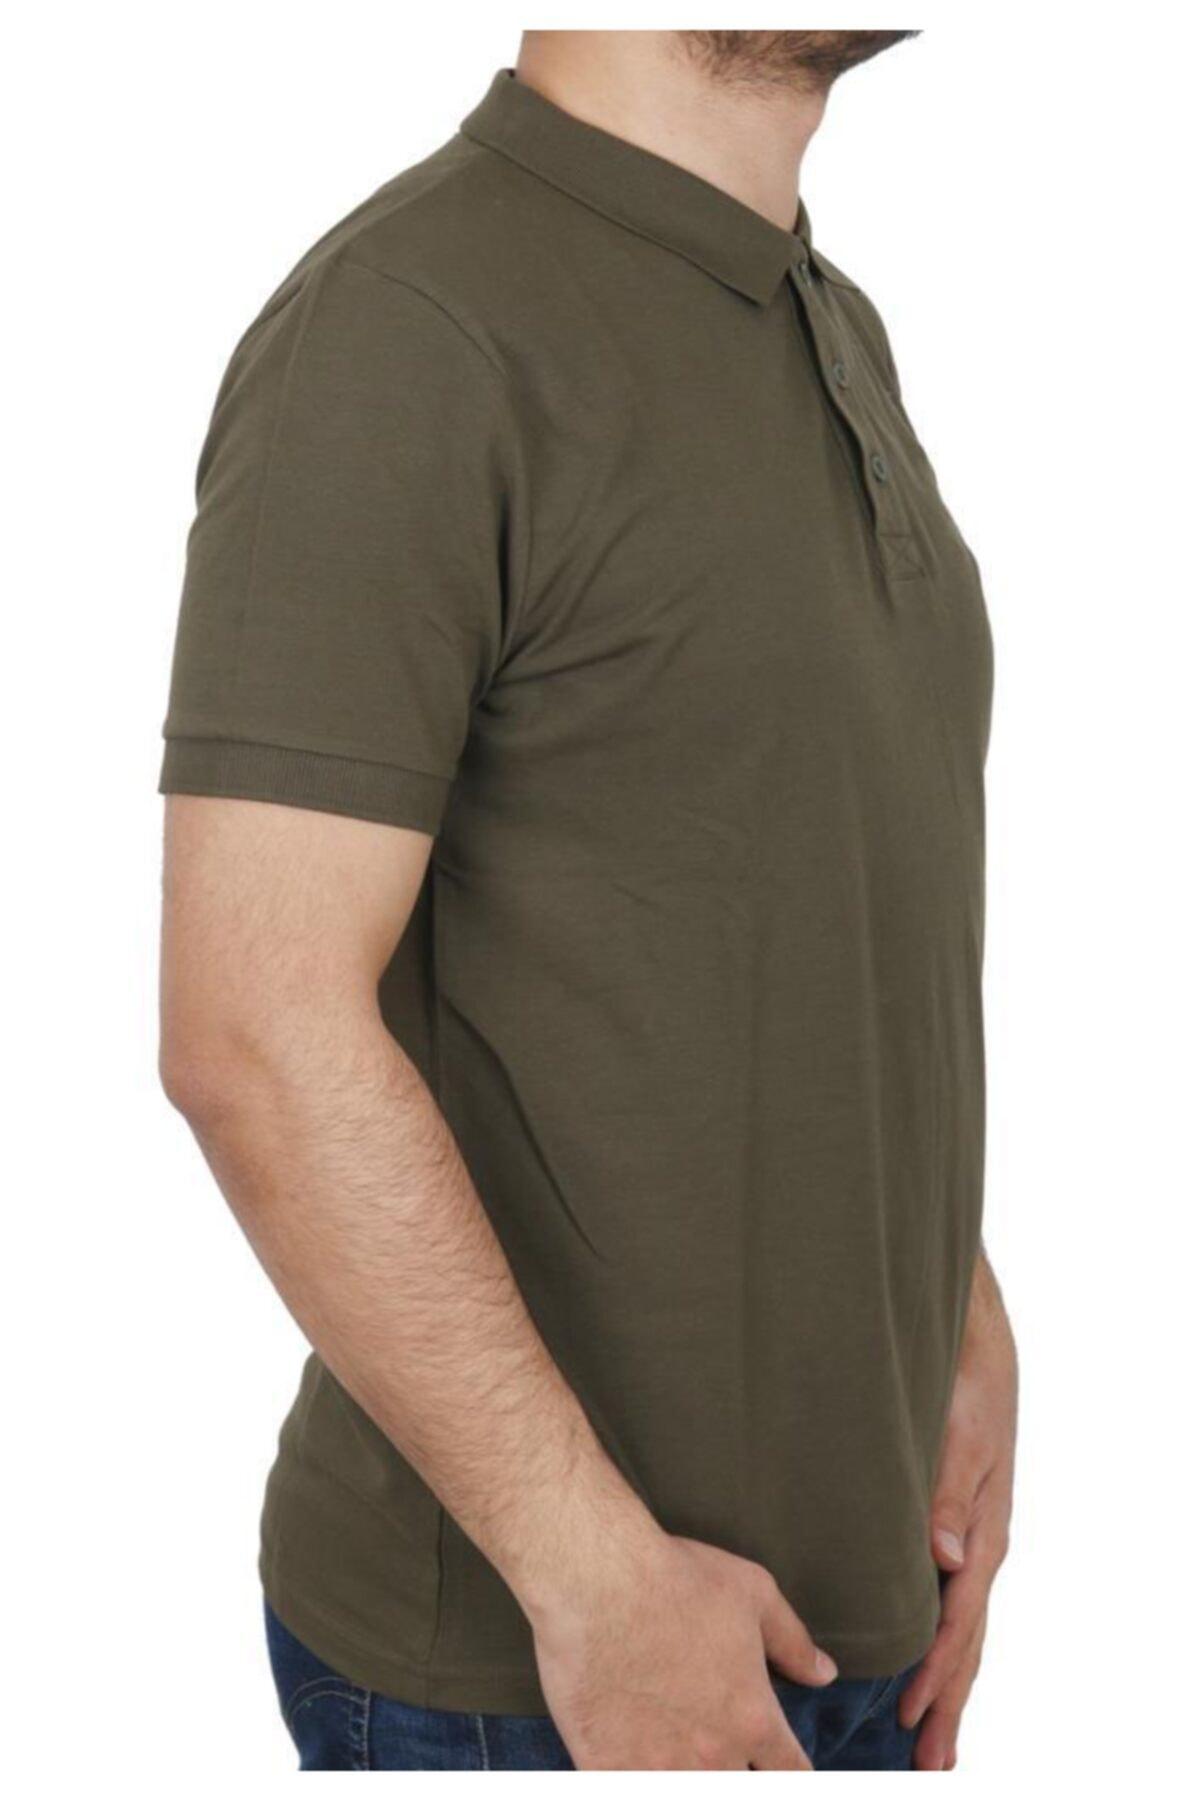 Bad Bear Erkek Polo Yaka T Shirt 21.01.07.051 2